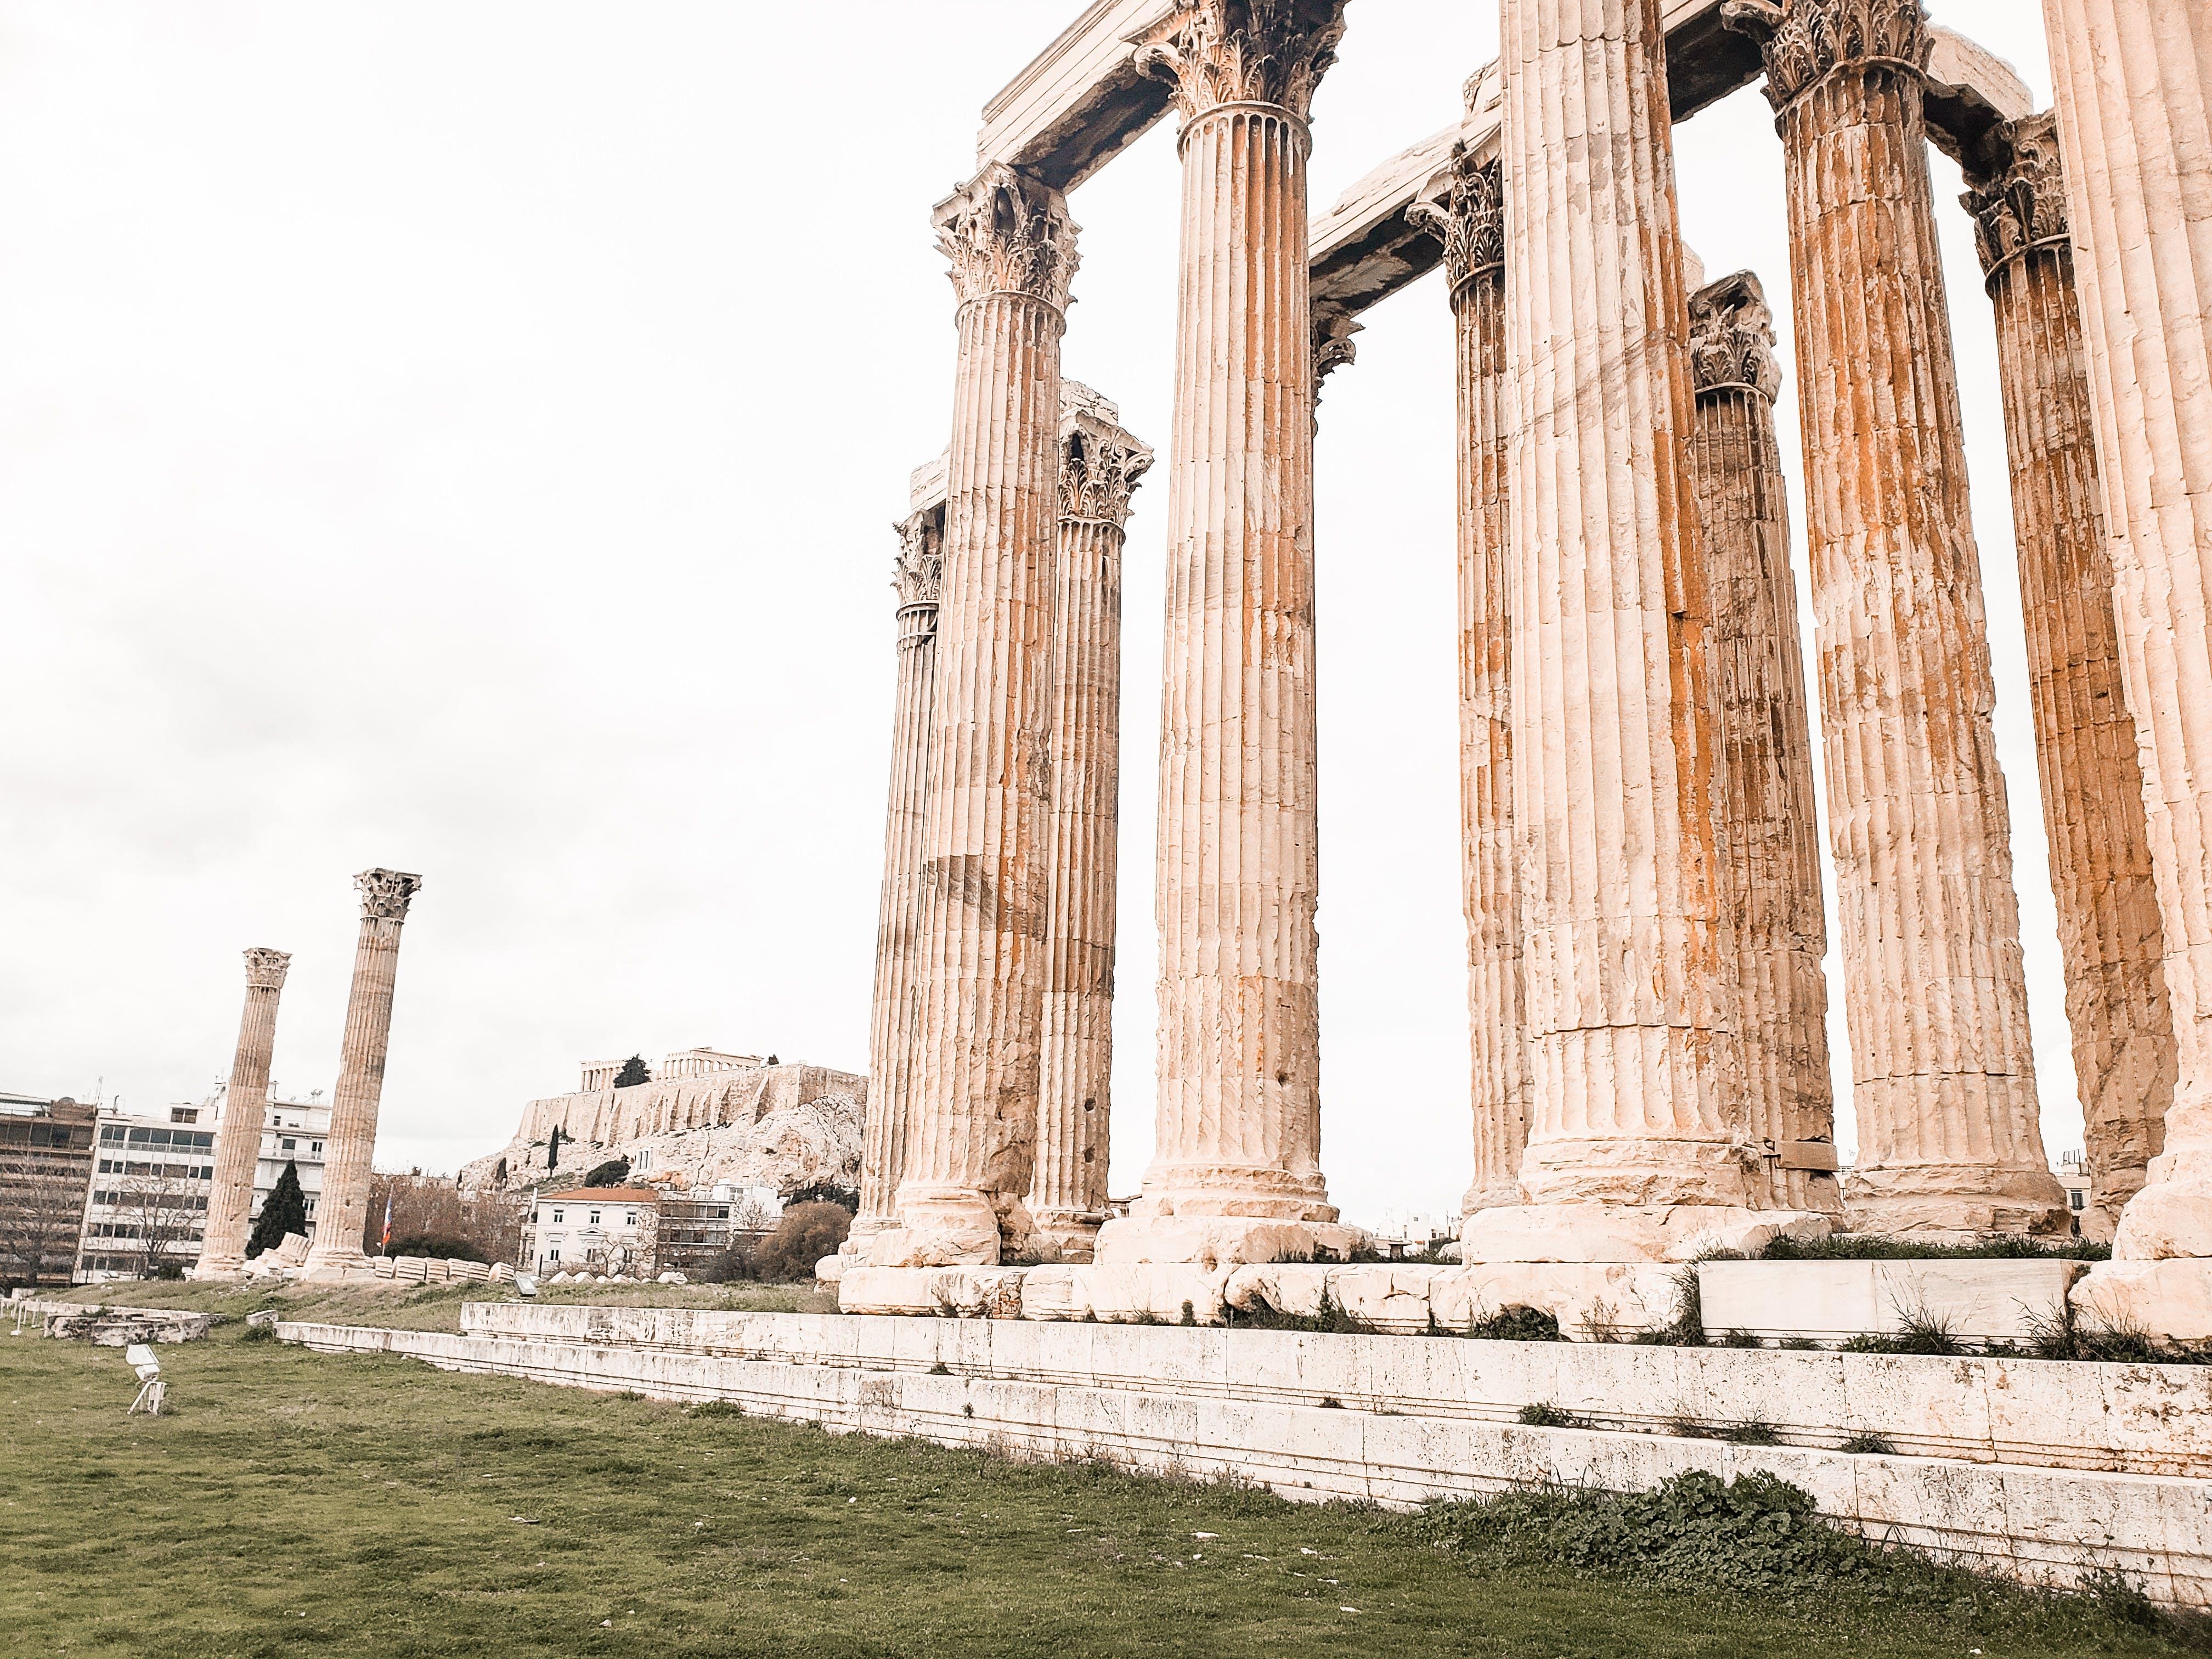 Fotos de stock gratuitas de acrópolis, arquitectura, Atenas, día